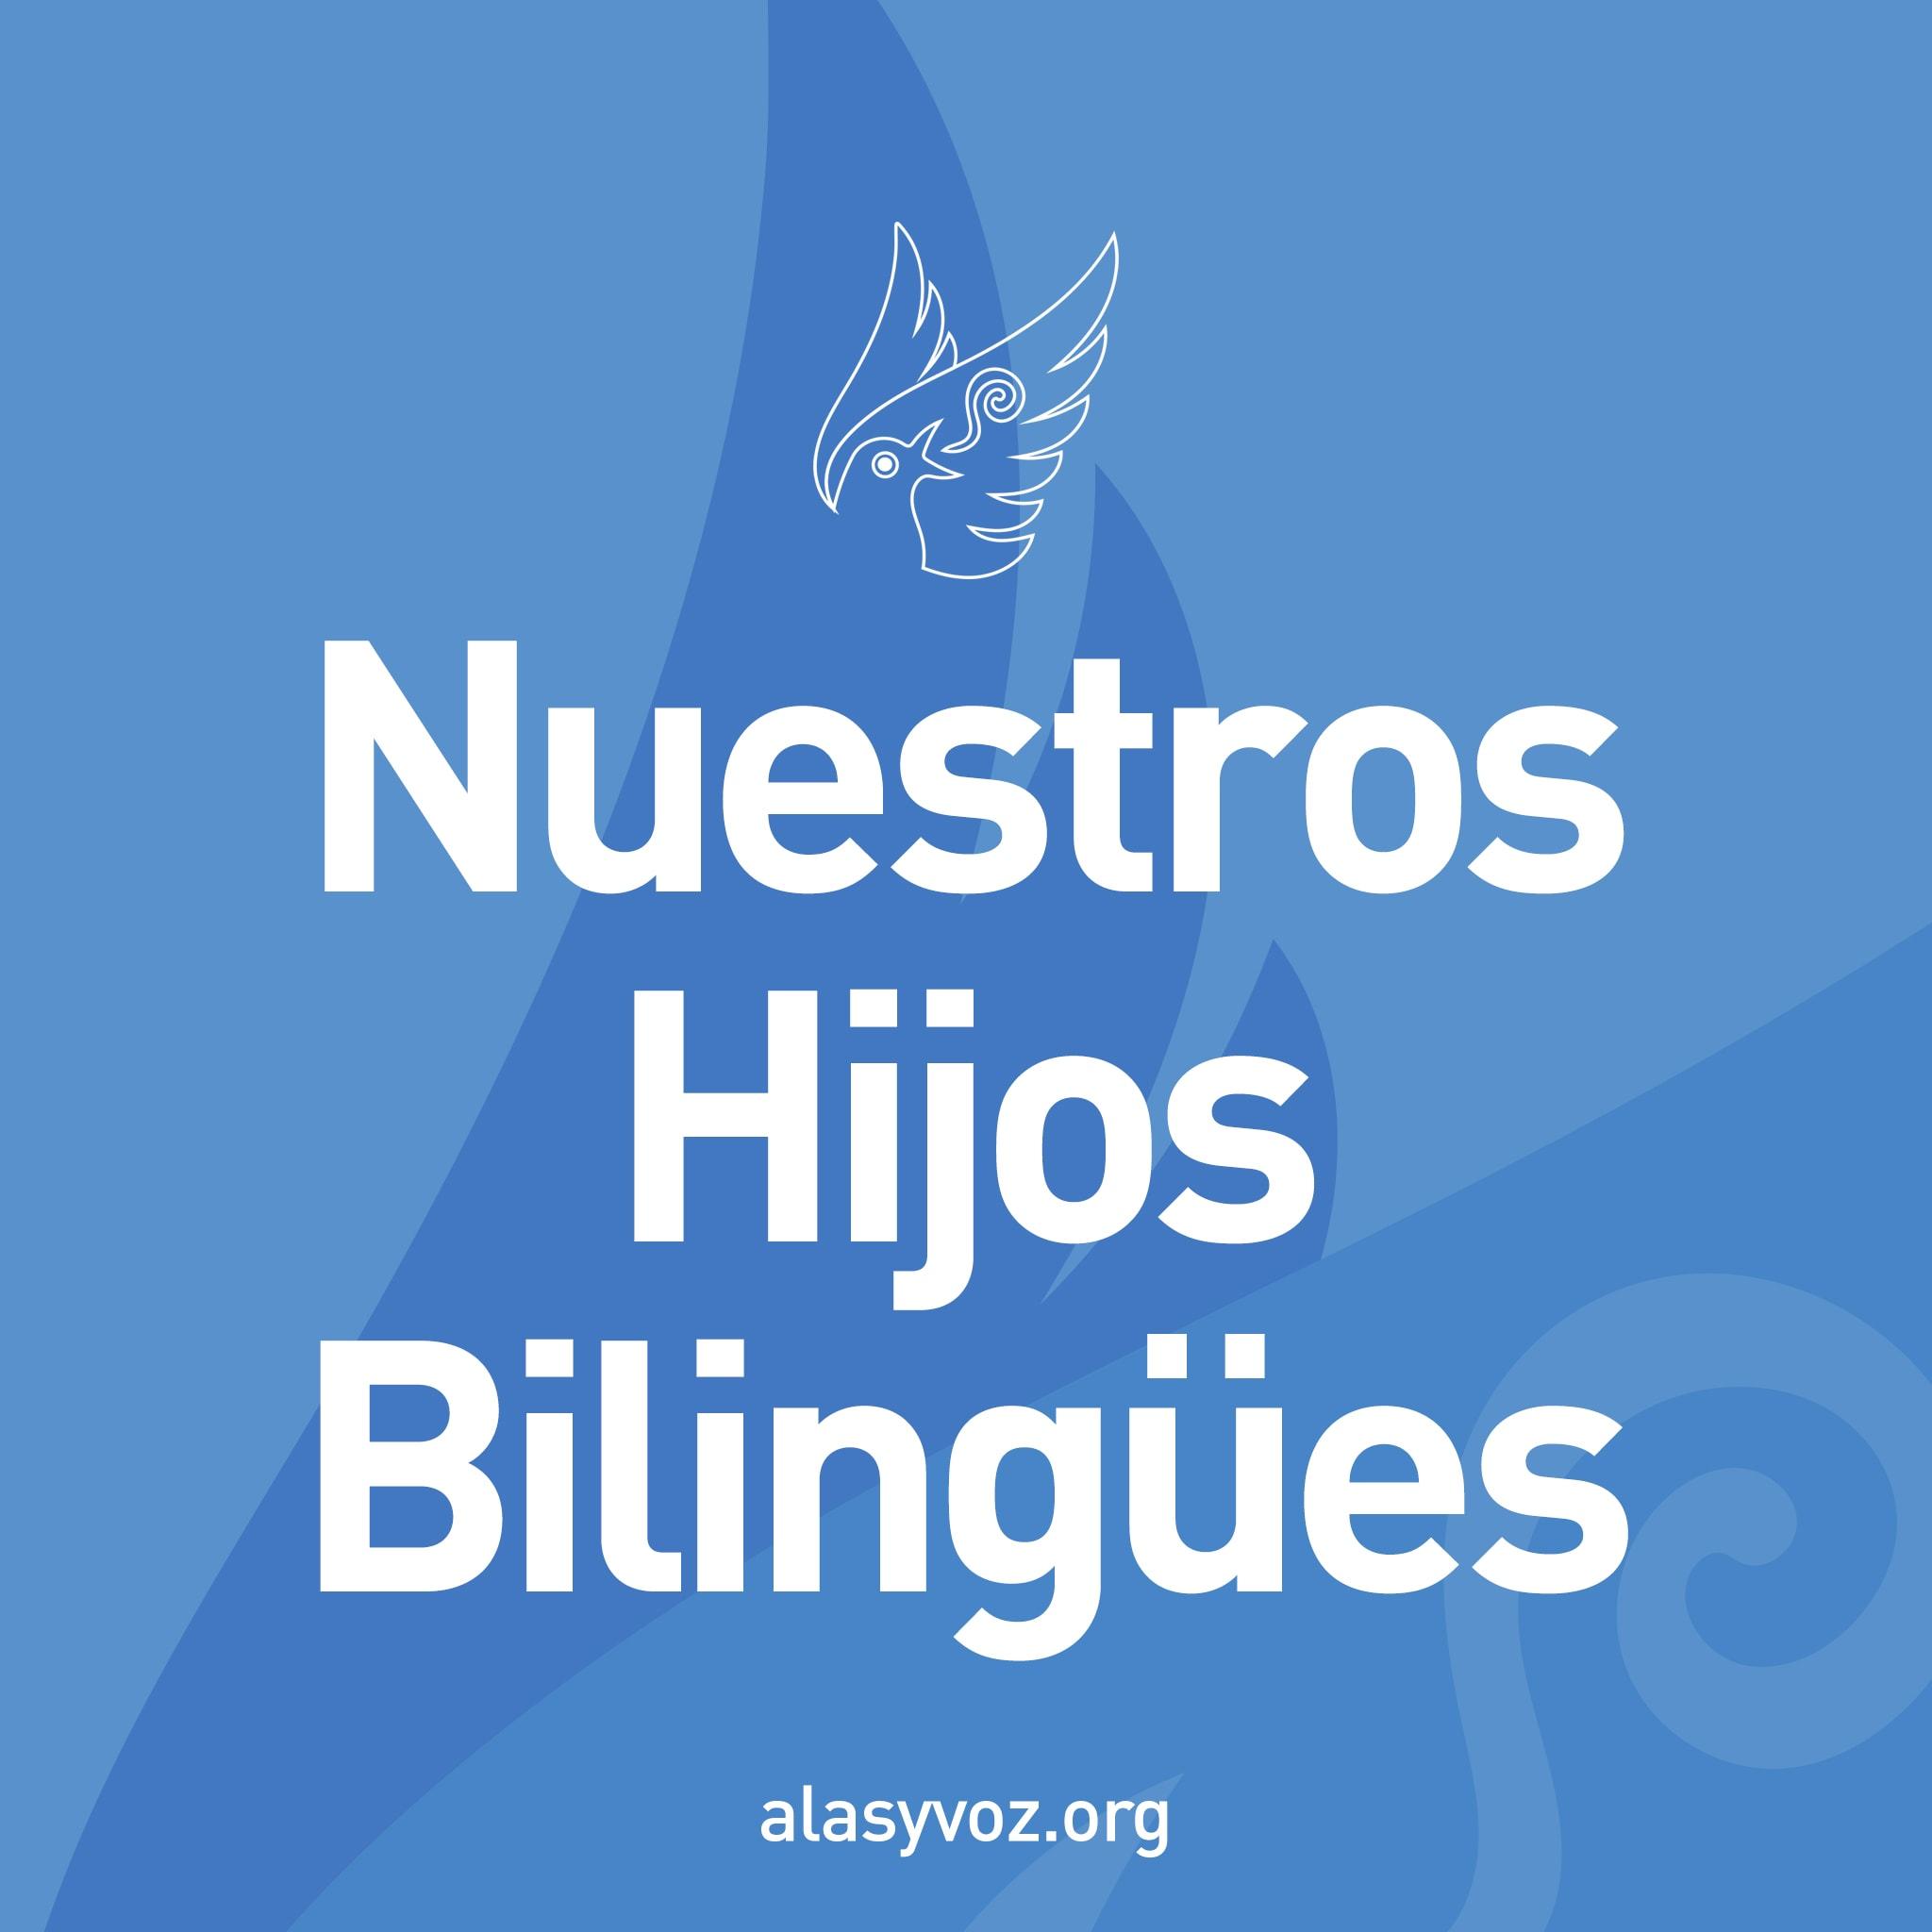 nuestros hijos bilingues